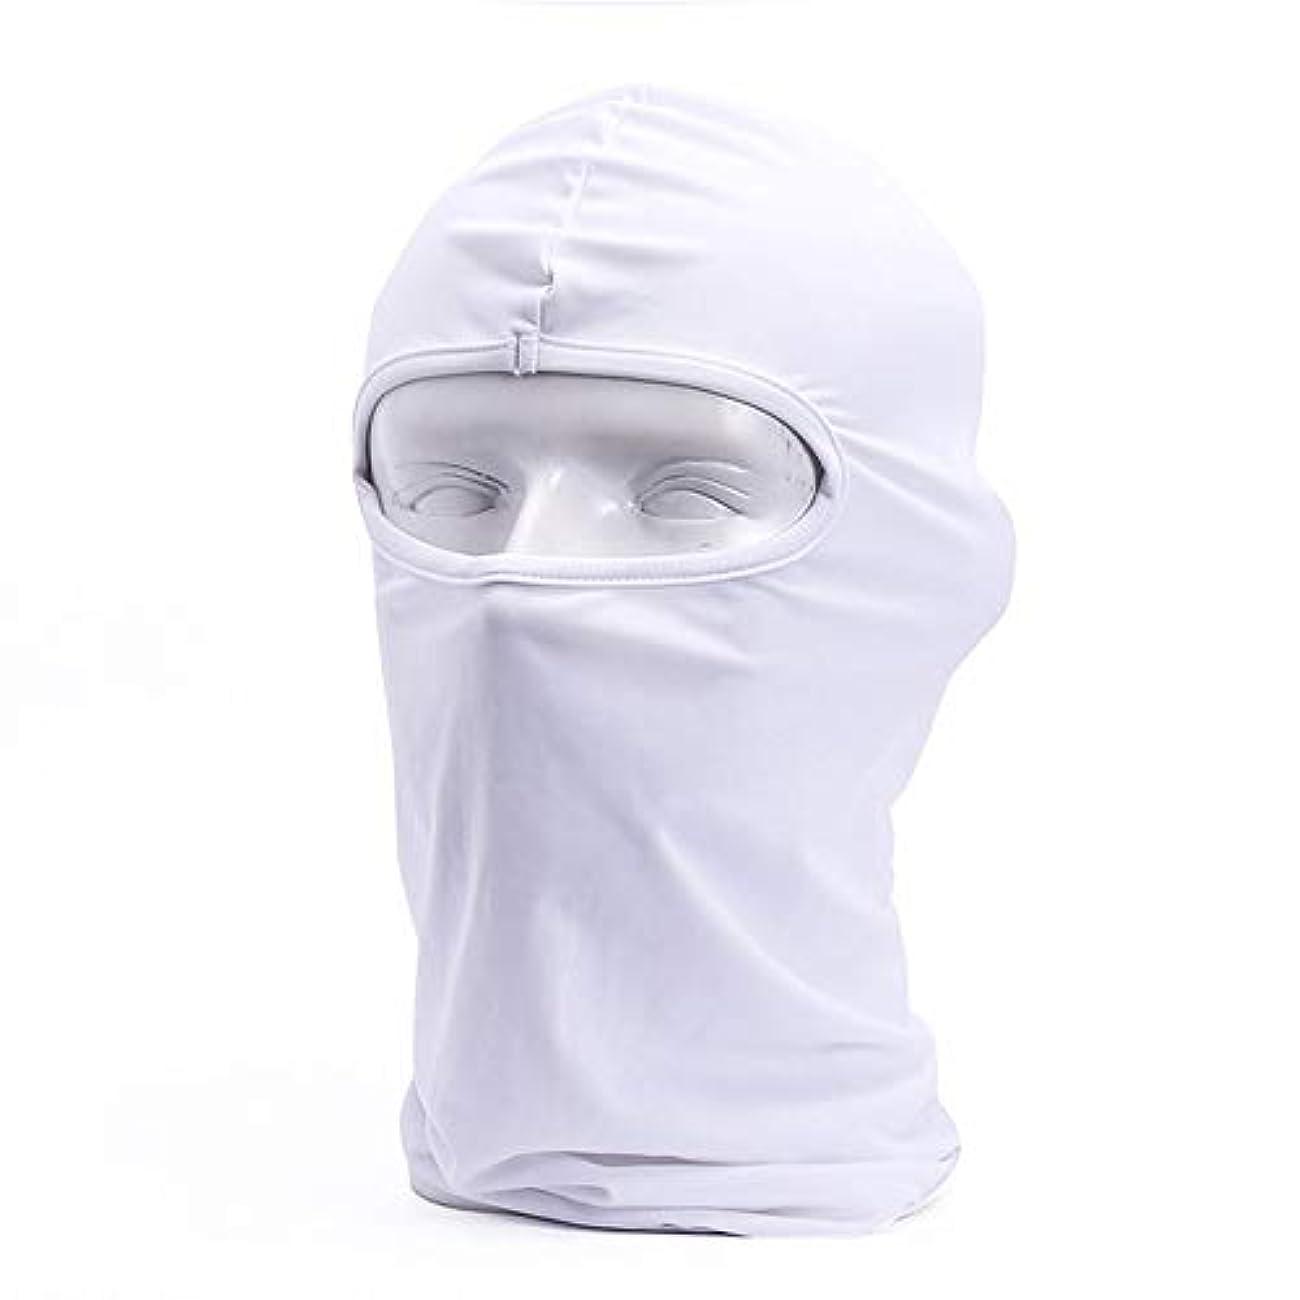 独立して反対する服を着る温he サマーUVプロテクション日焼け止めフェイスジニ Facekini (色 : 白)